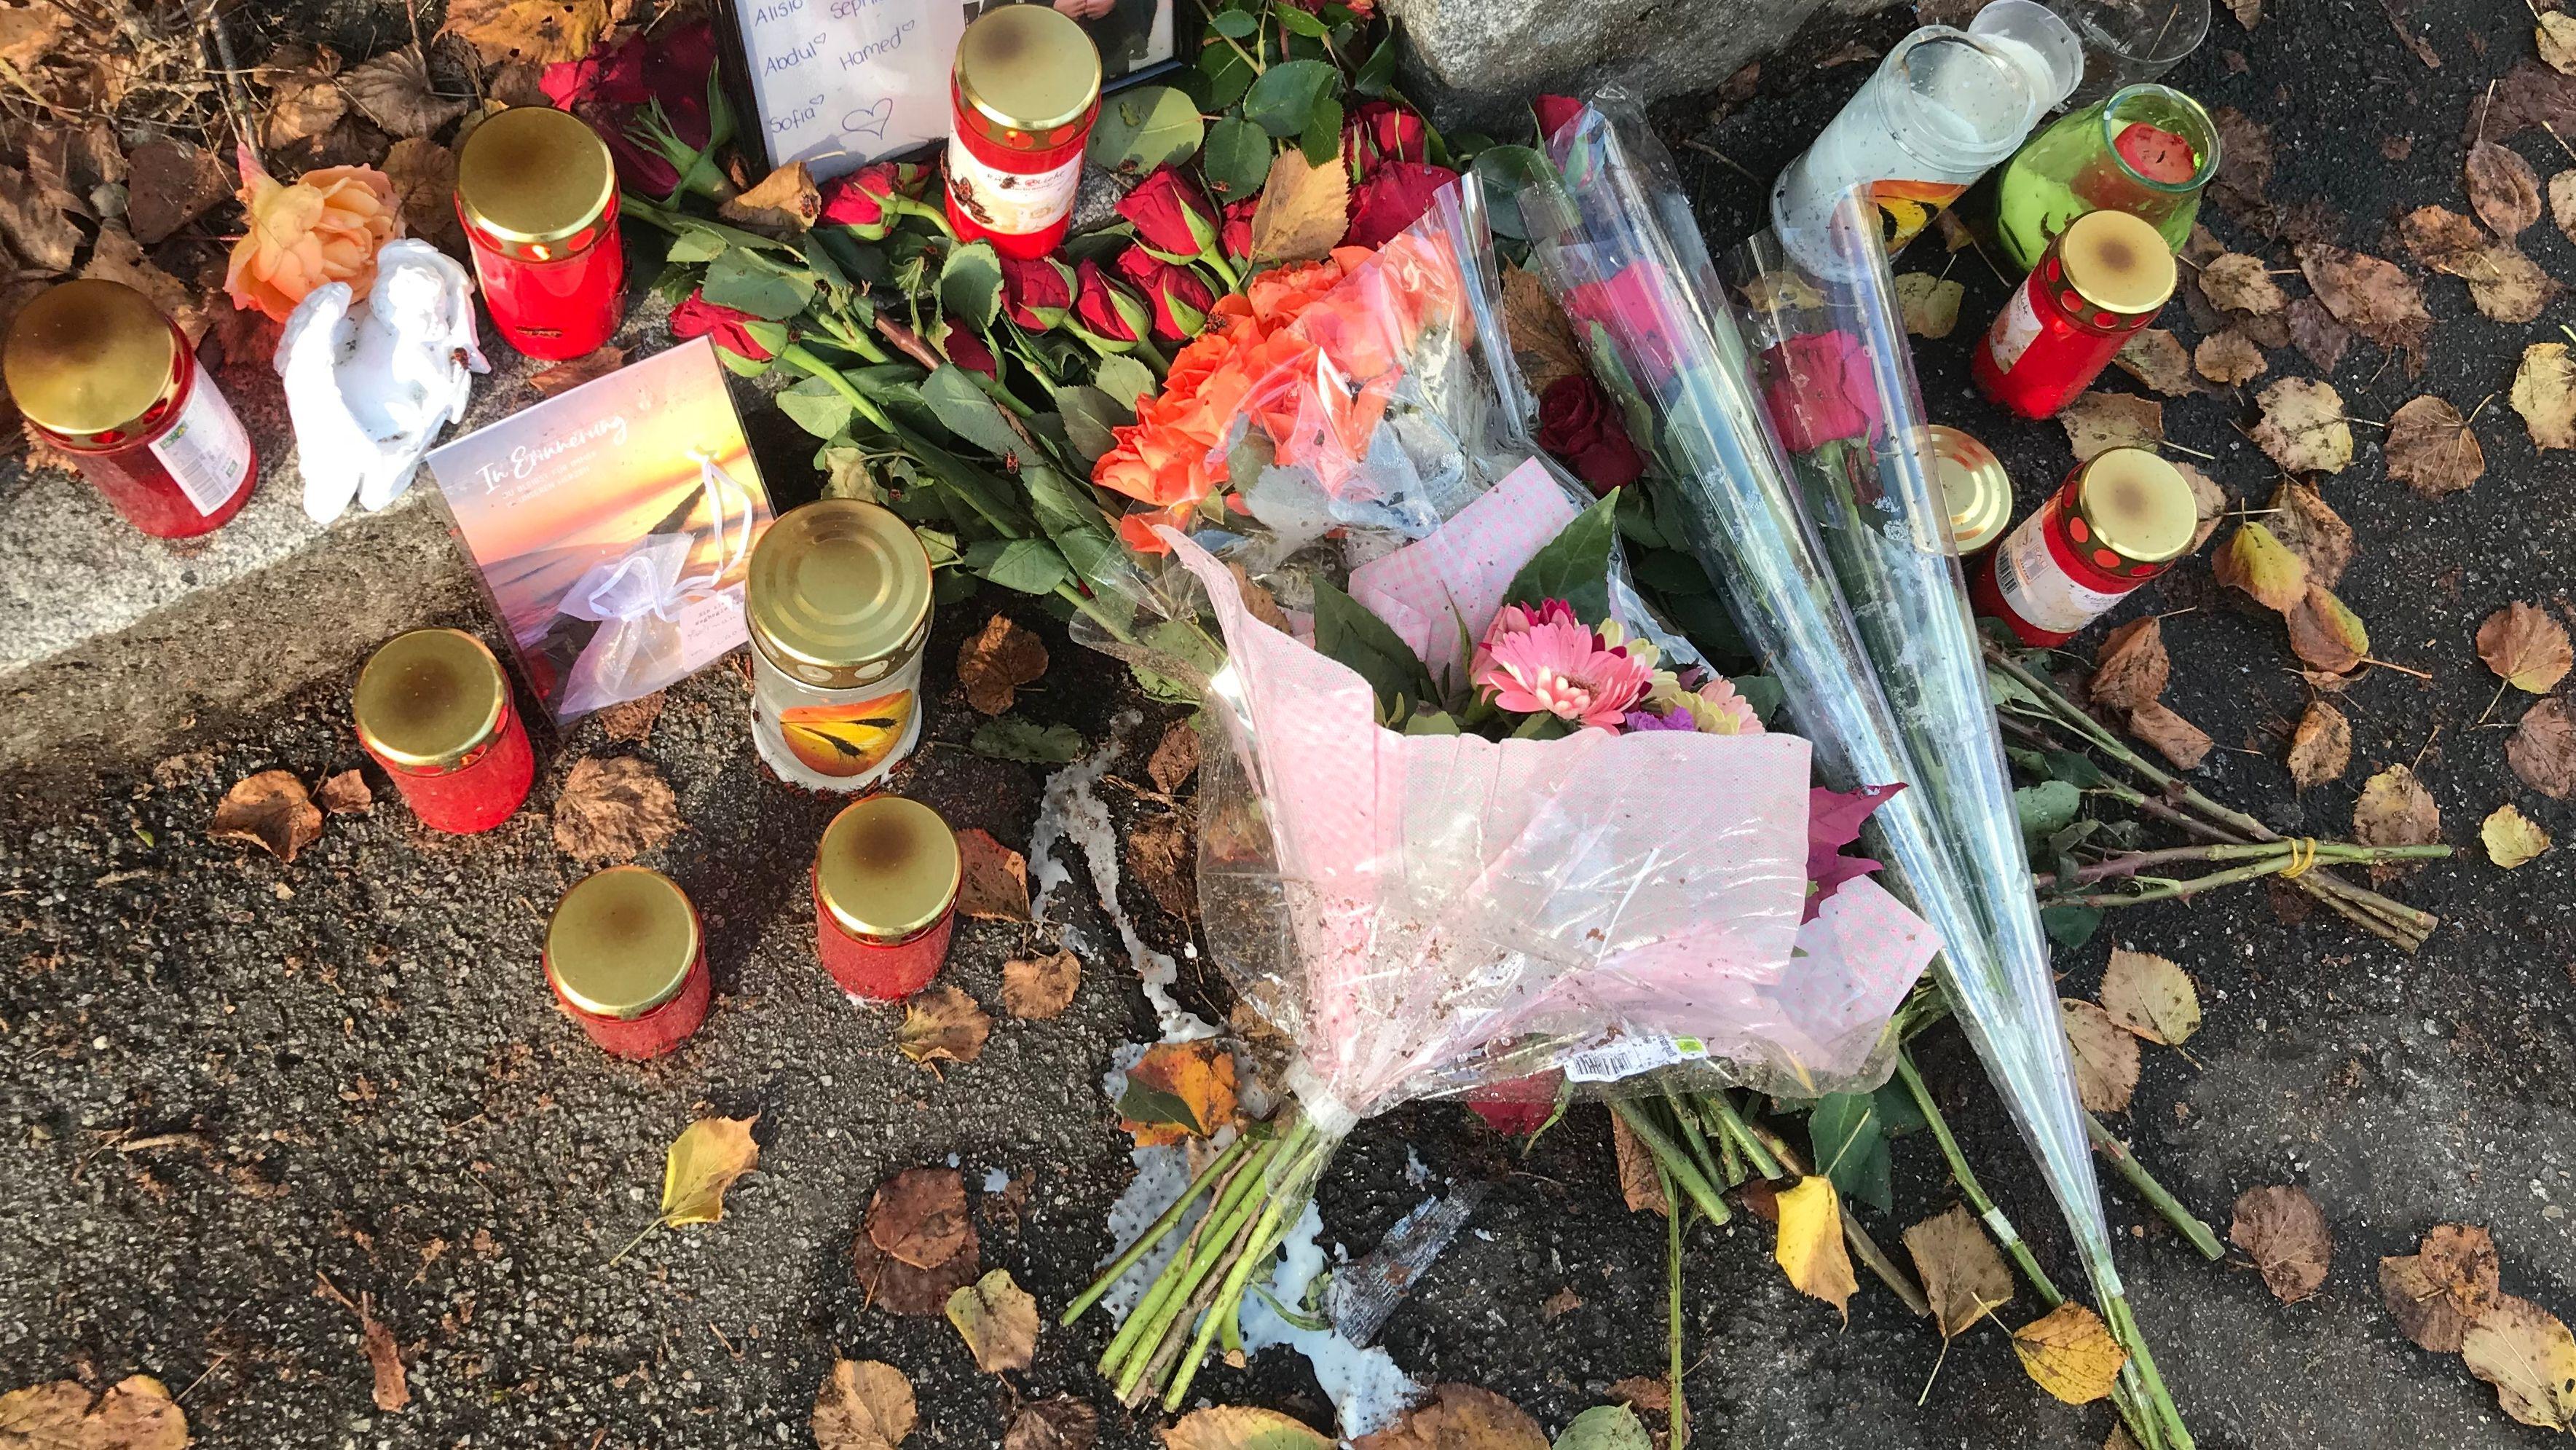 Am Donnerstagabend wurde ein 33-Jähriger durch Messerstiche tödlich verletzt. Mensch haben Blumen abgelegt und Kerzen aufgestellt.